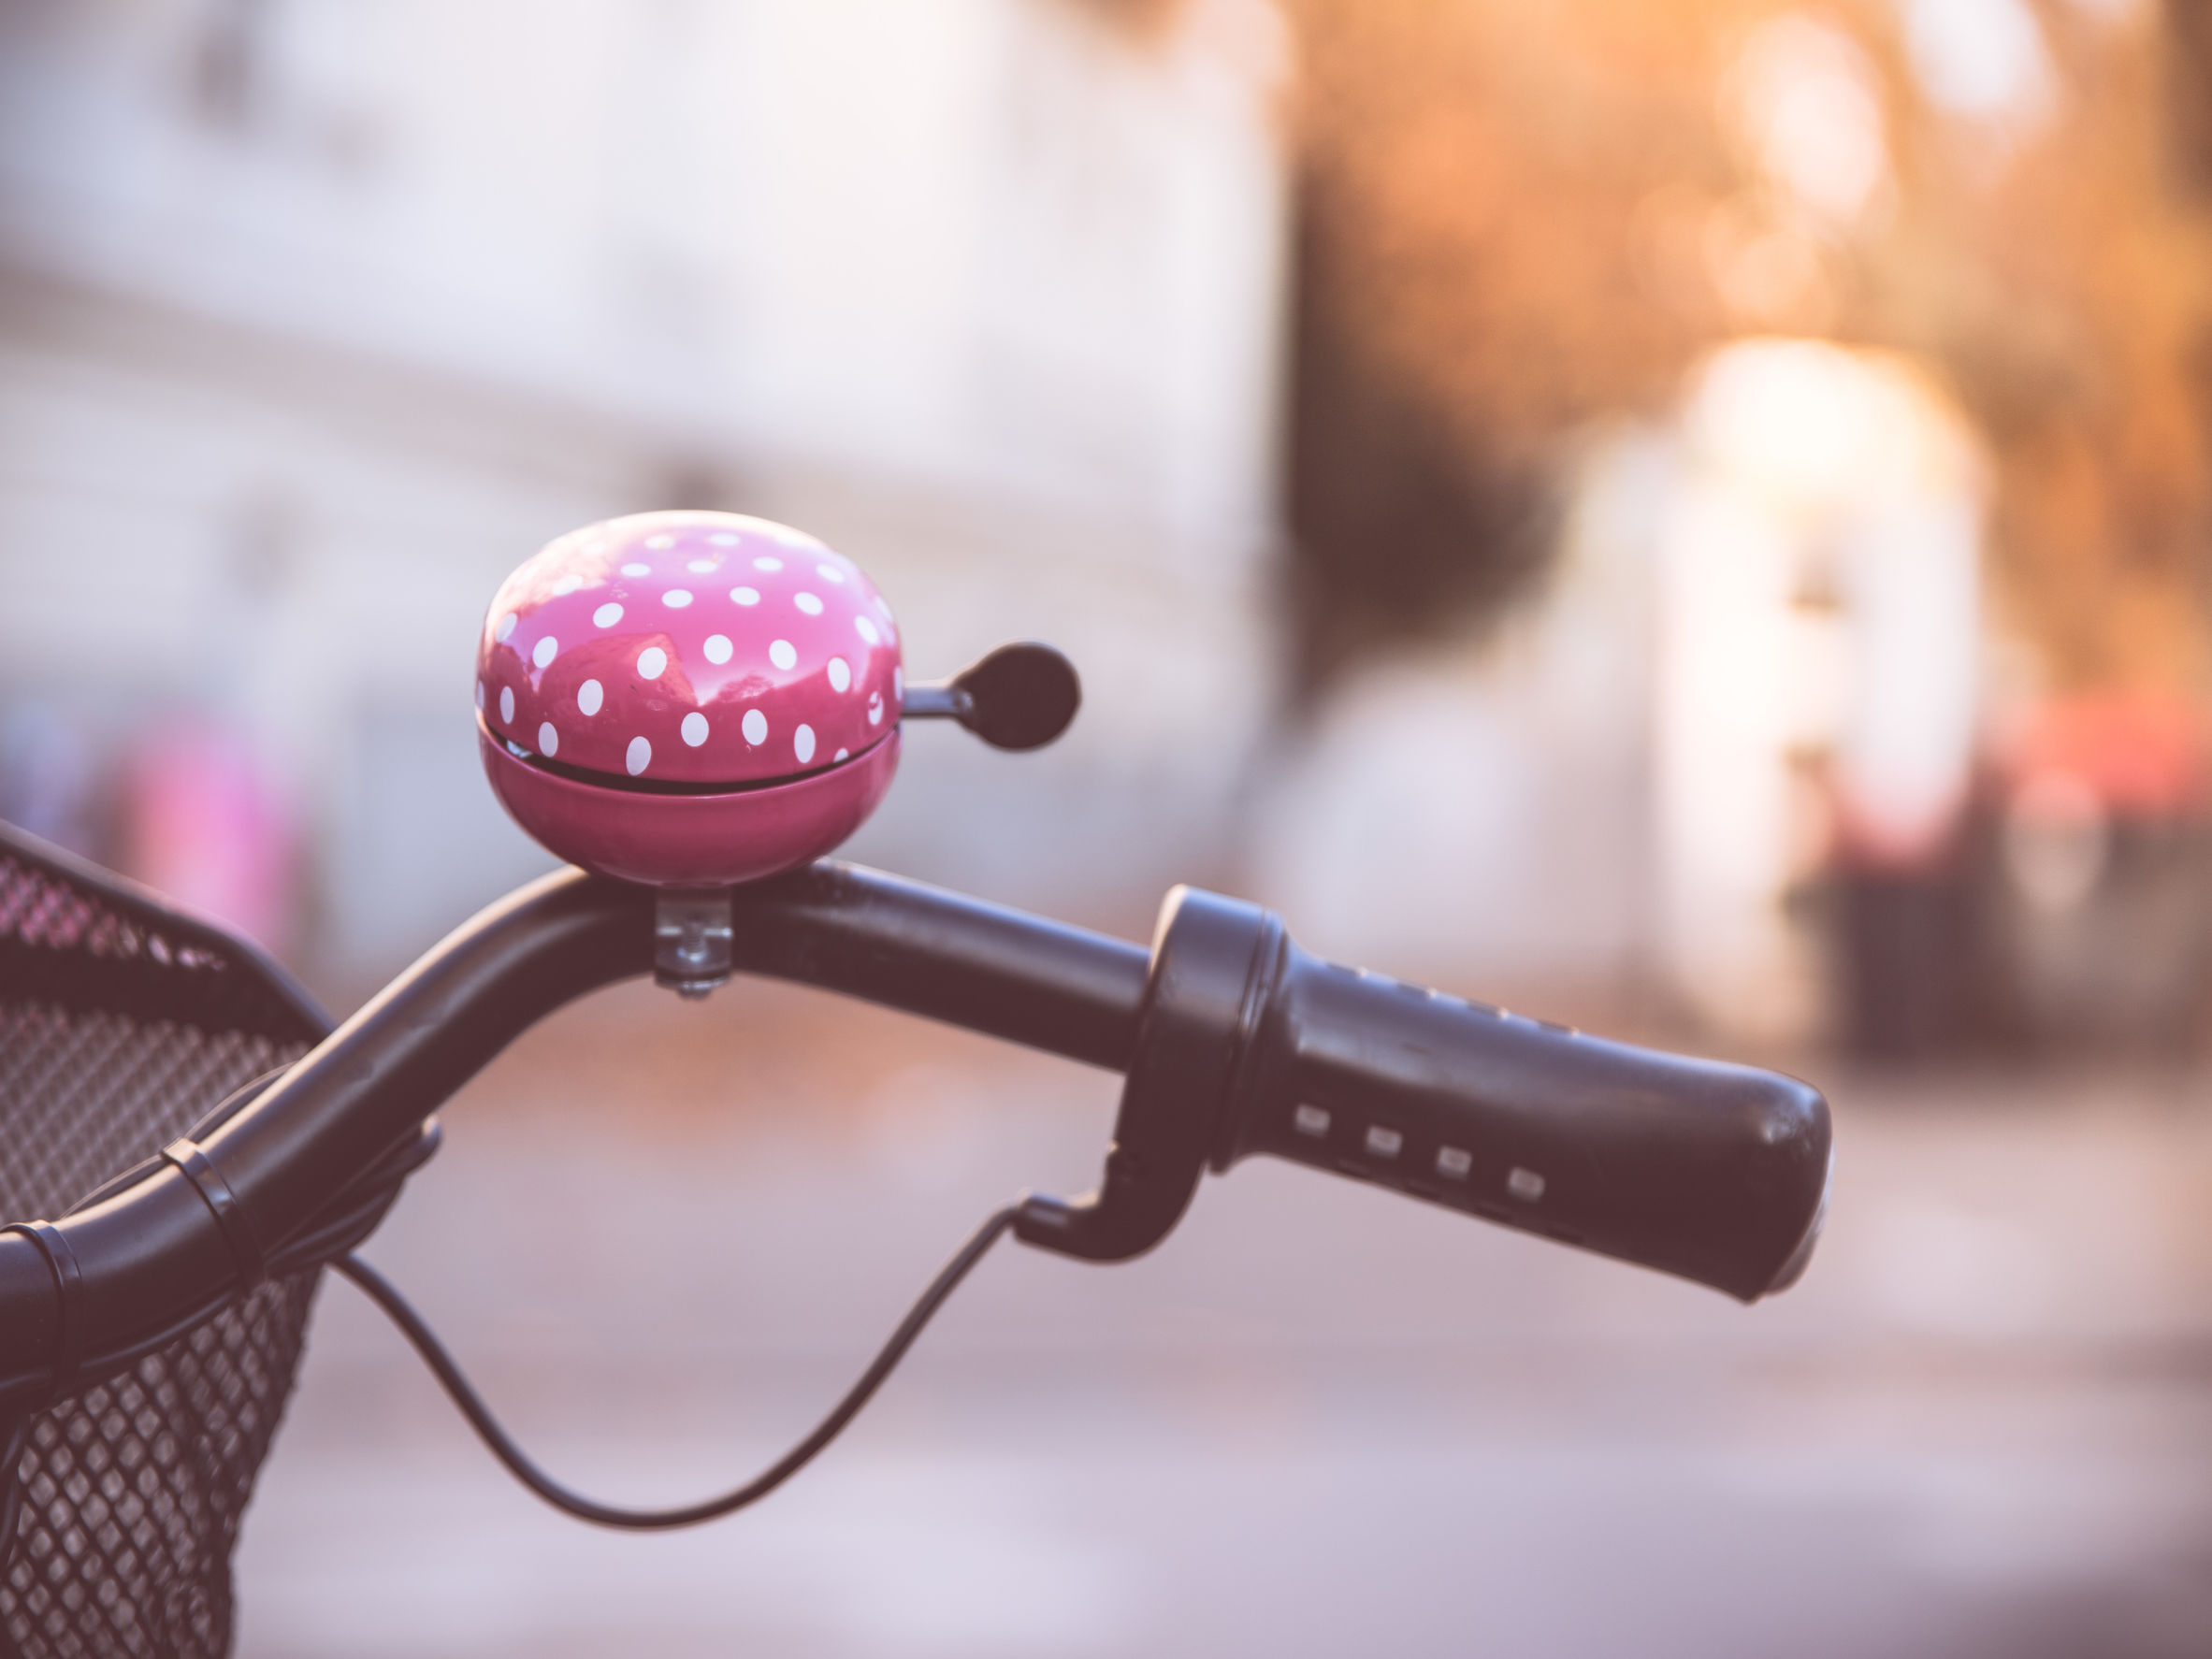 Fahrradklingel: Test & Empfehlungen (03/21)